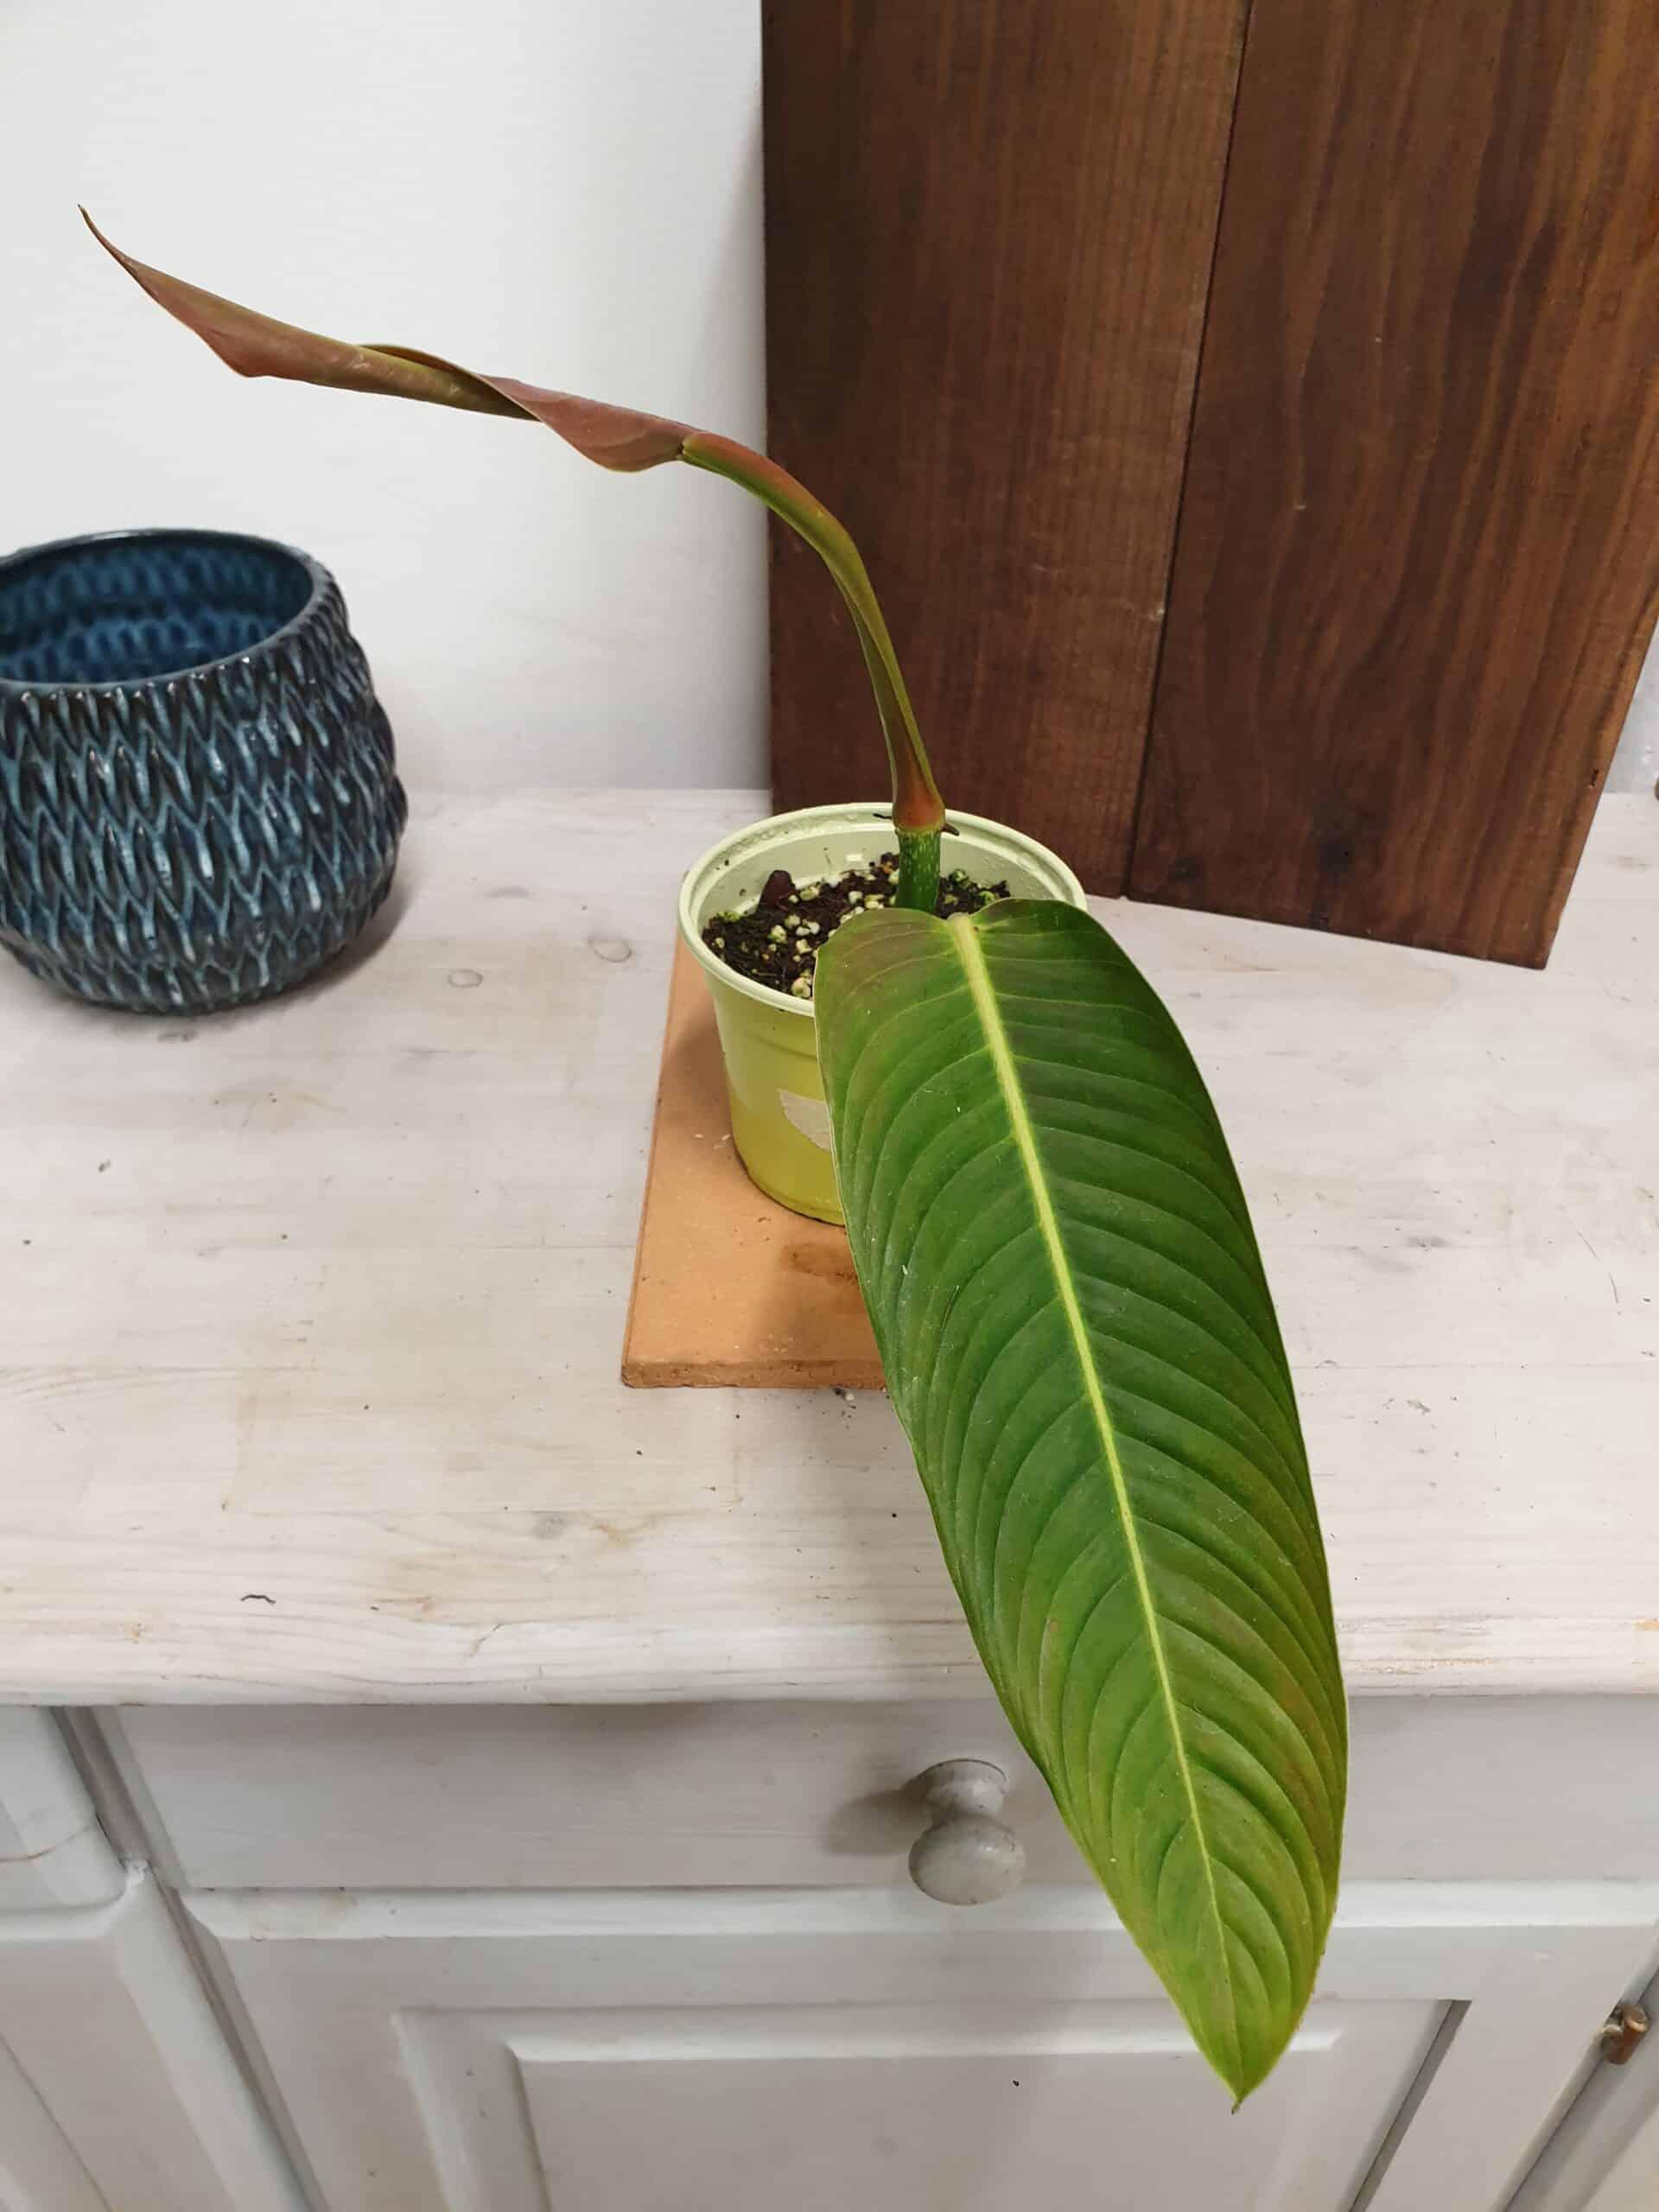 Philodendron Heterocraspedon